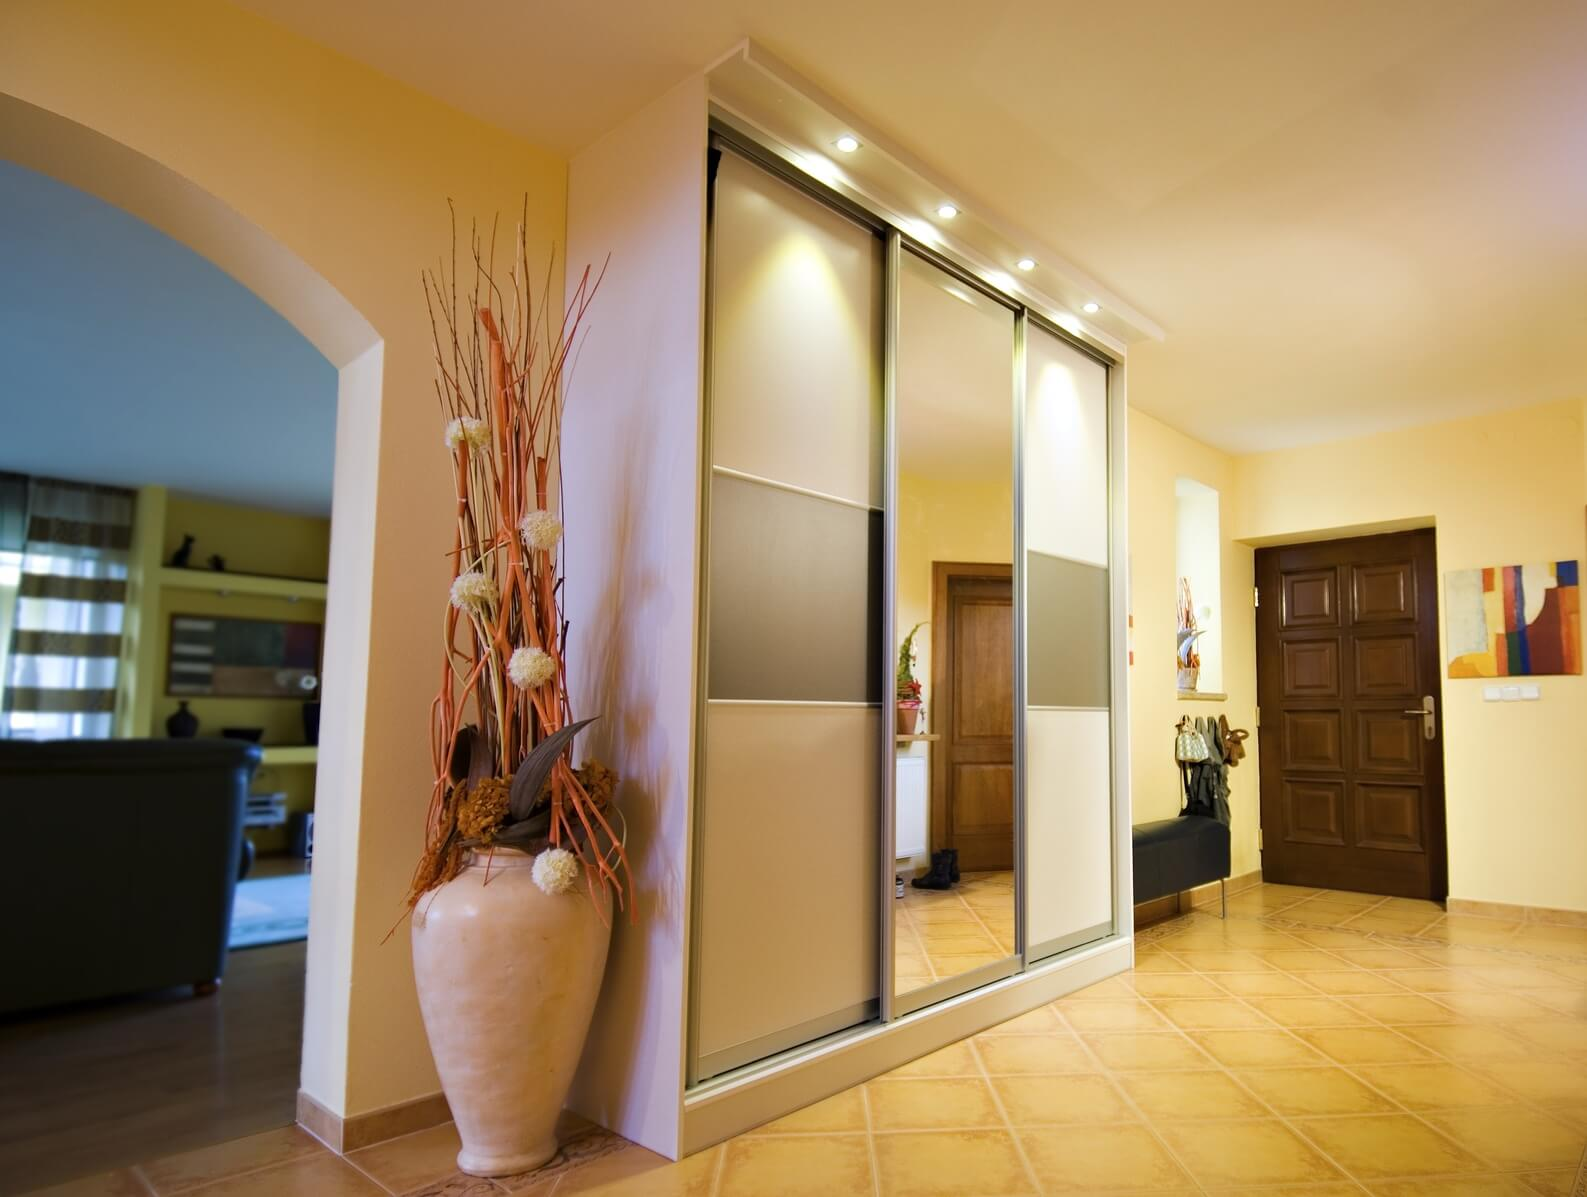 szafy wn kowe na wymiar do zabudowy pozna plewiska. Black Bedroom Furniture Sets. Home Design Ideas